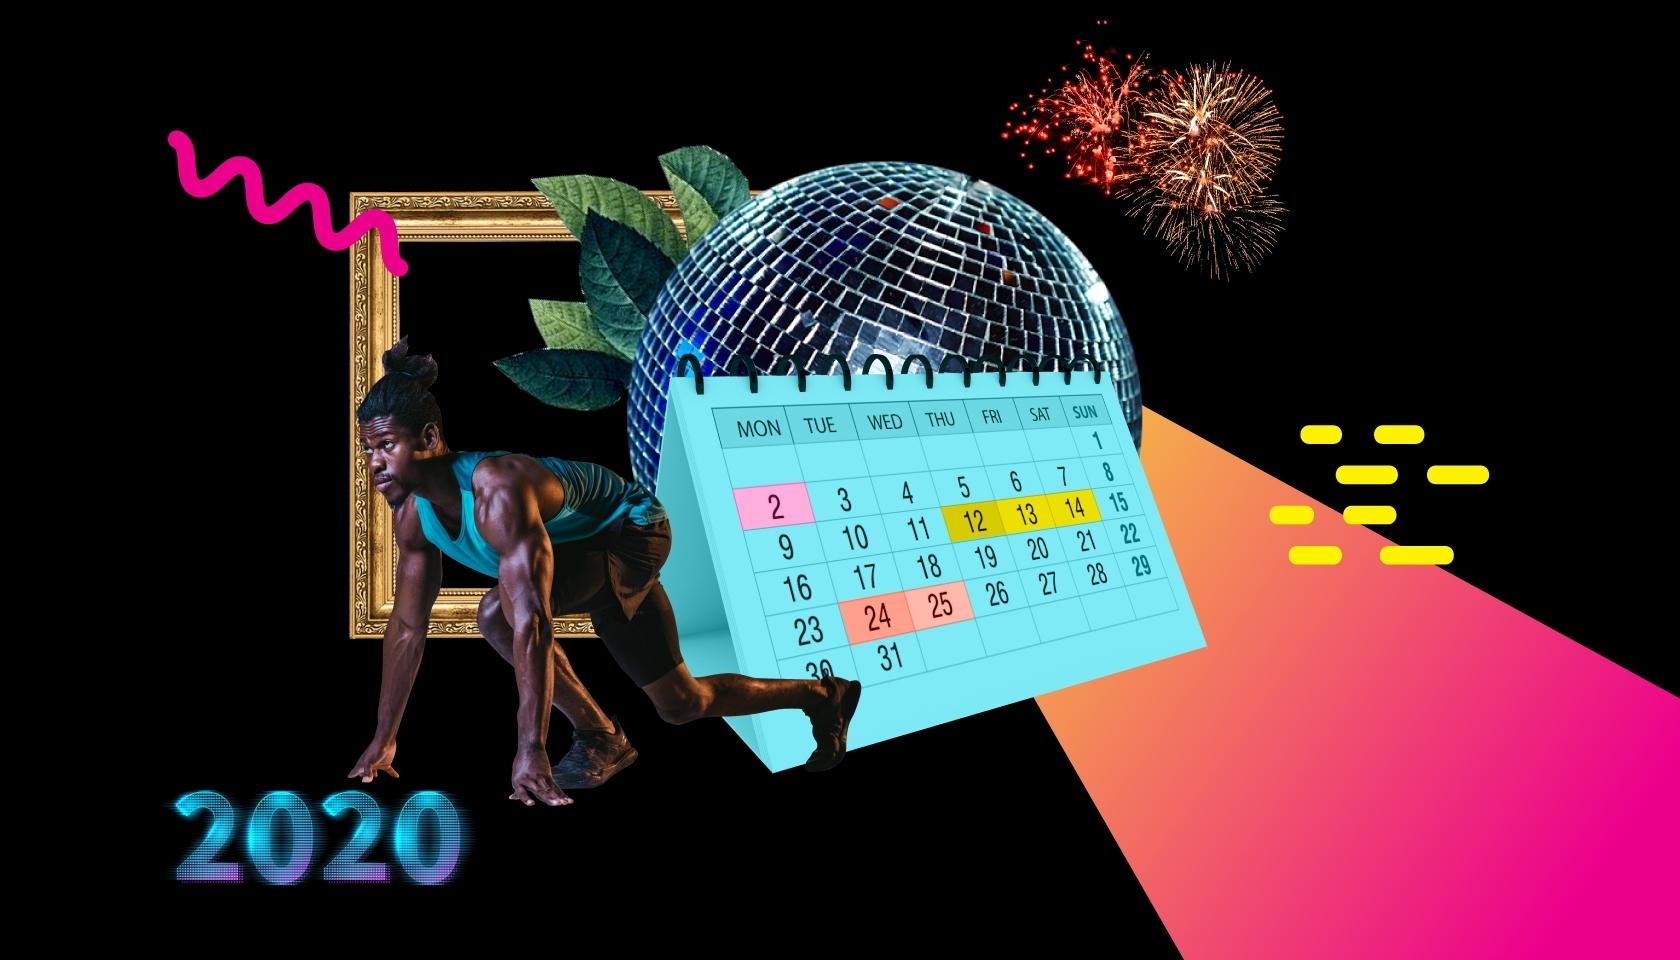 Social Media Events Calendar 2020